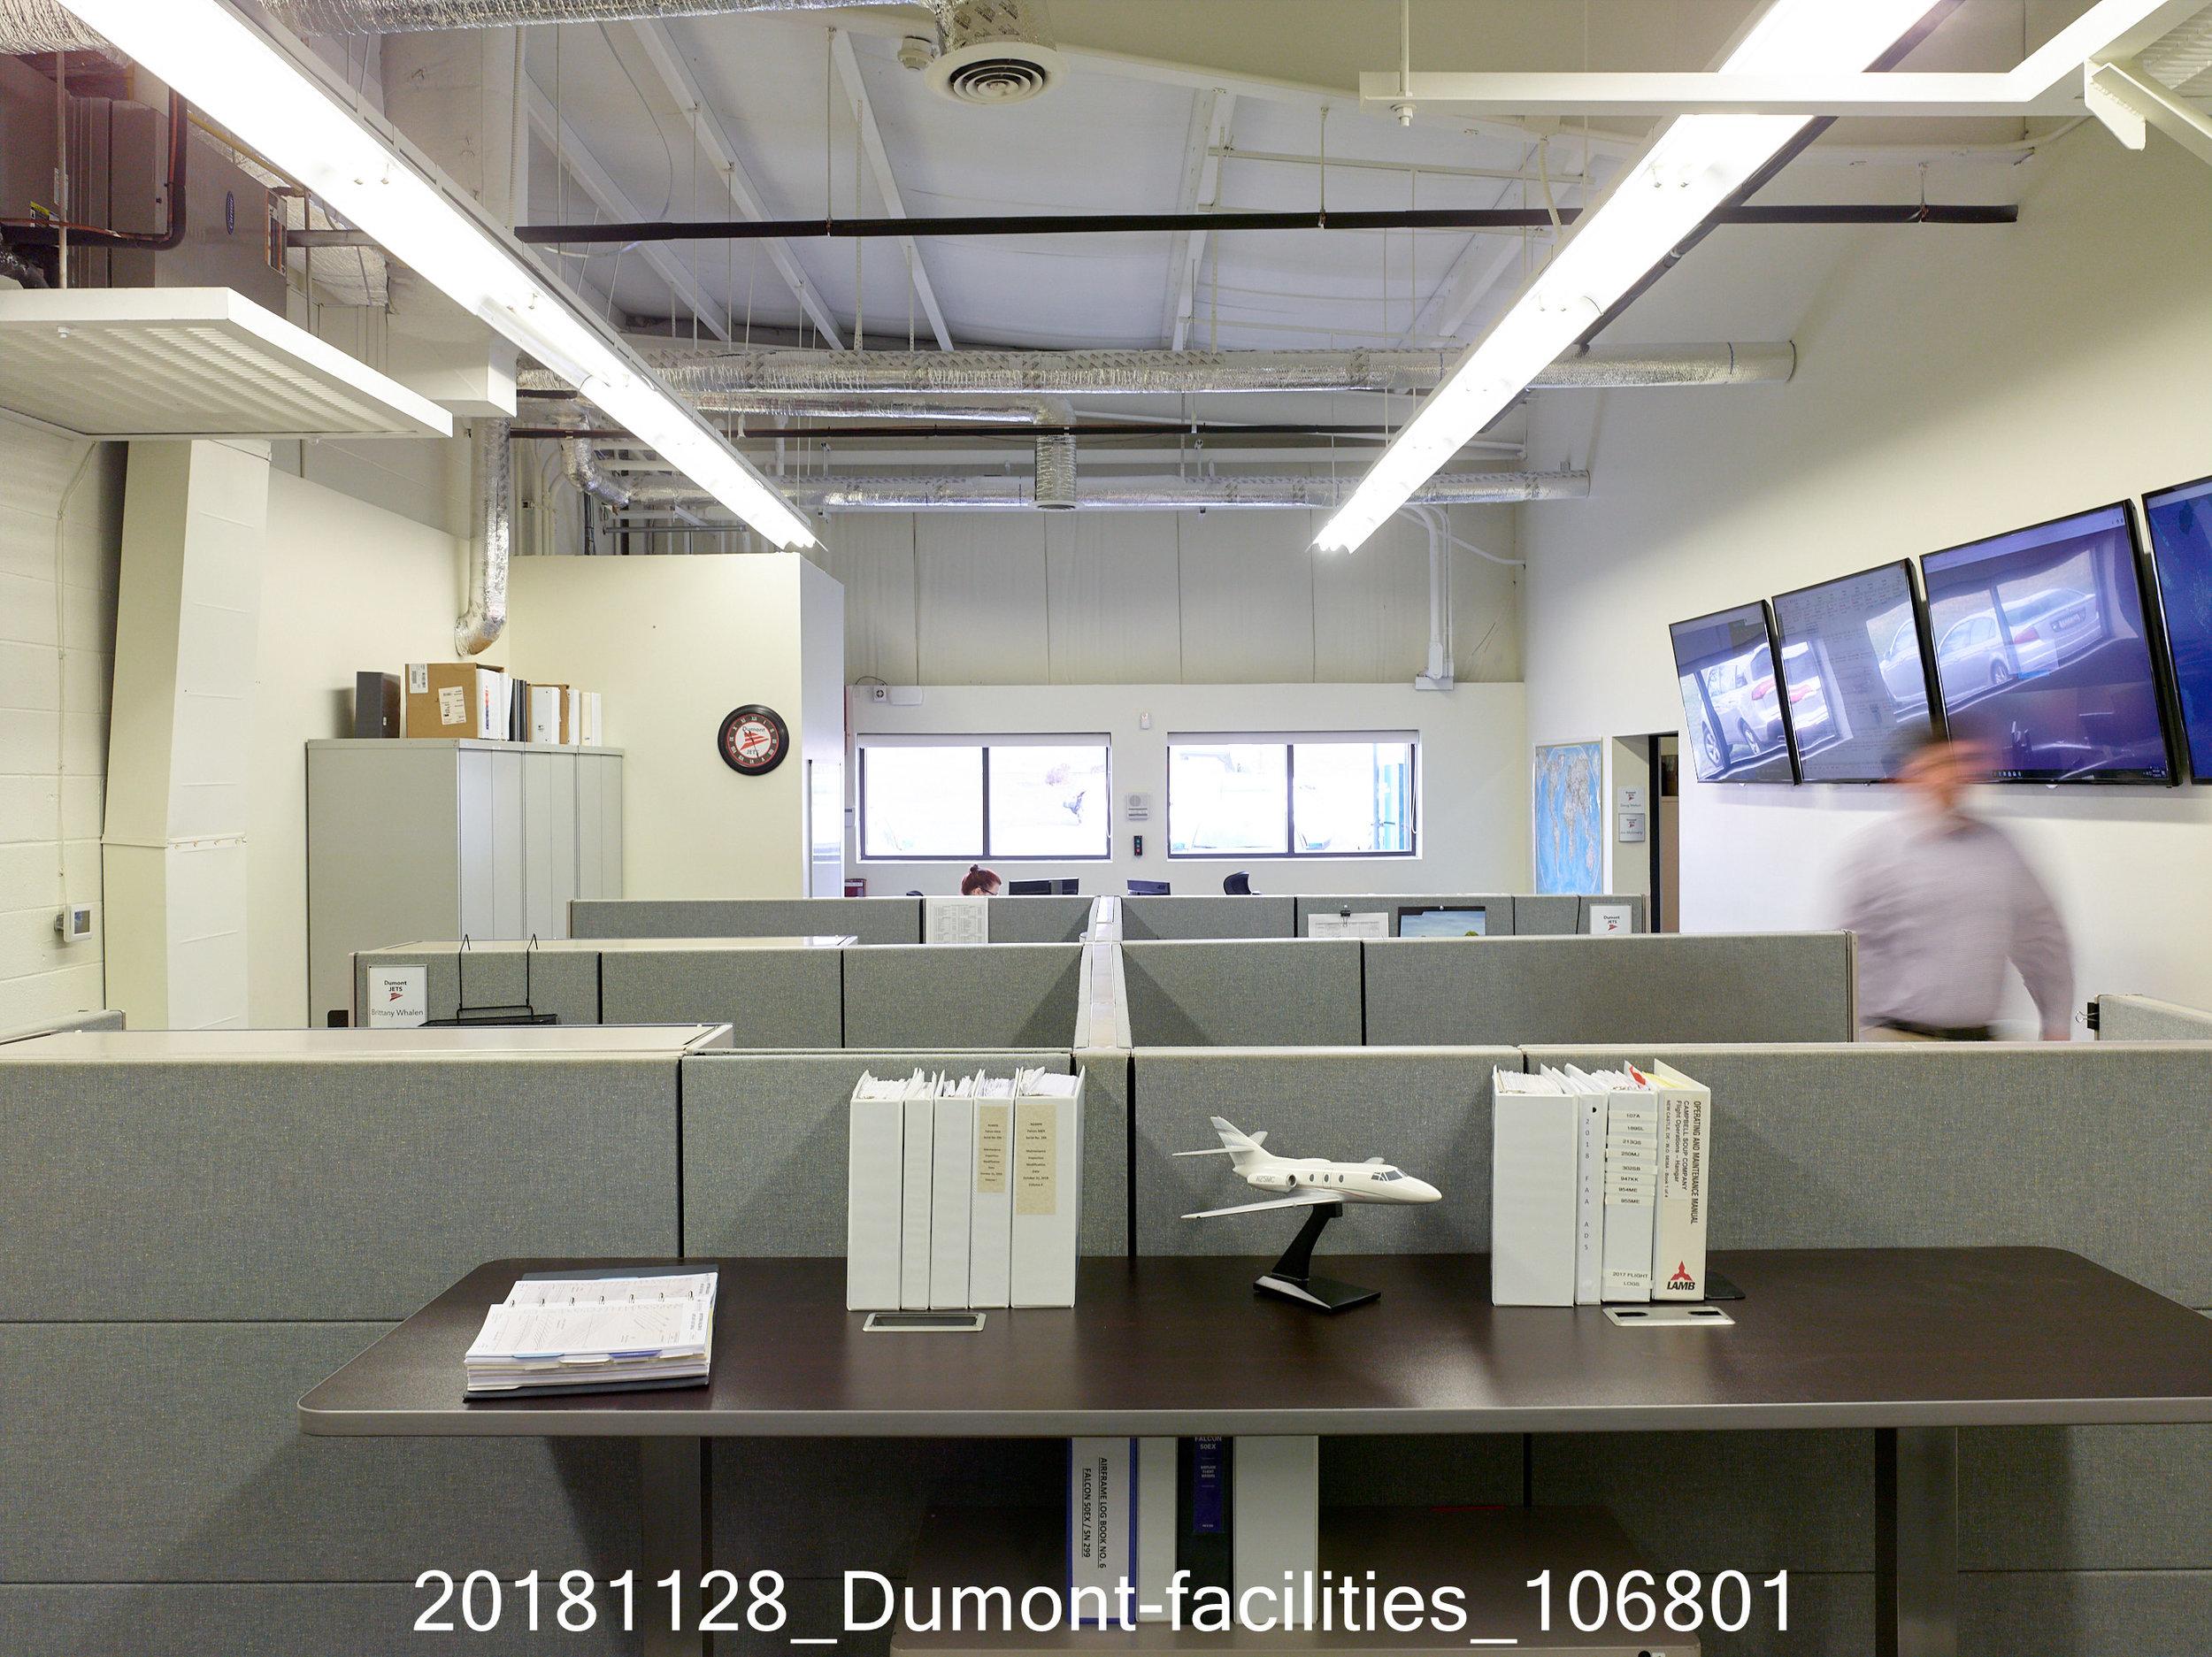 20181128_Dumont-facilities_106801.jpg